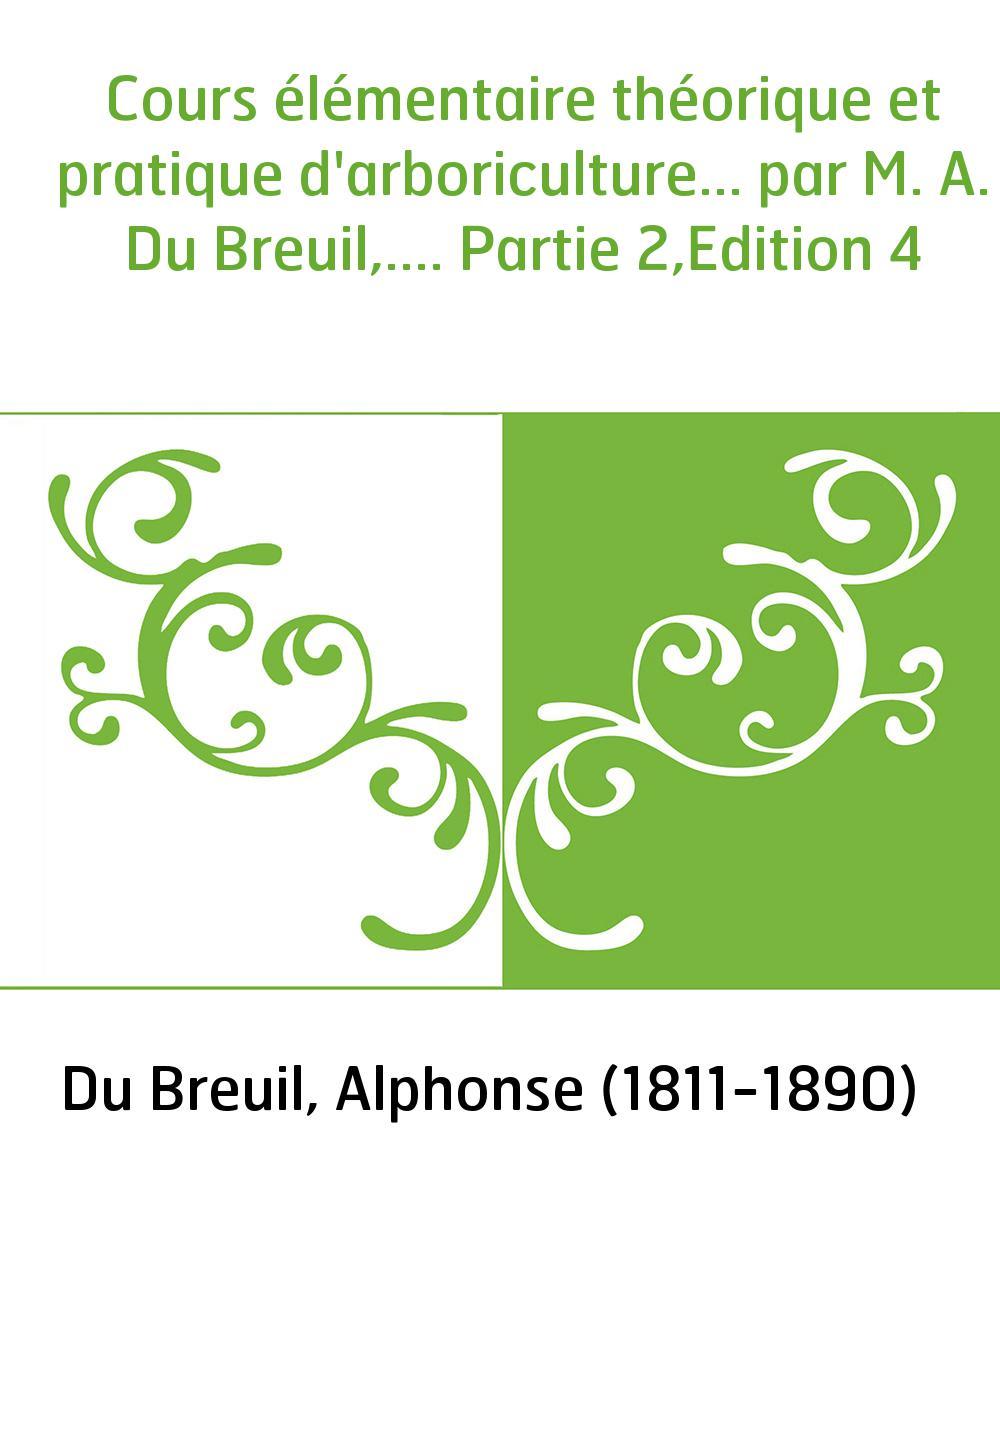 Cours élémentaire théorique et pratique d'arboriculture... par M. A. Du Breuil,.... Partie 2,Edition 4